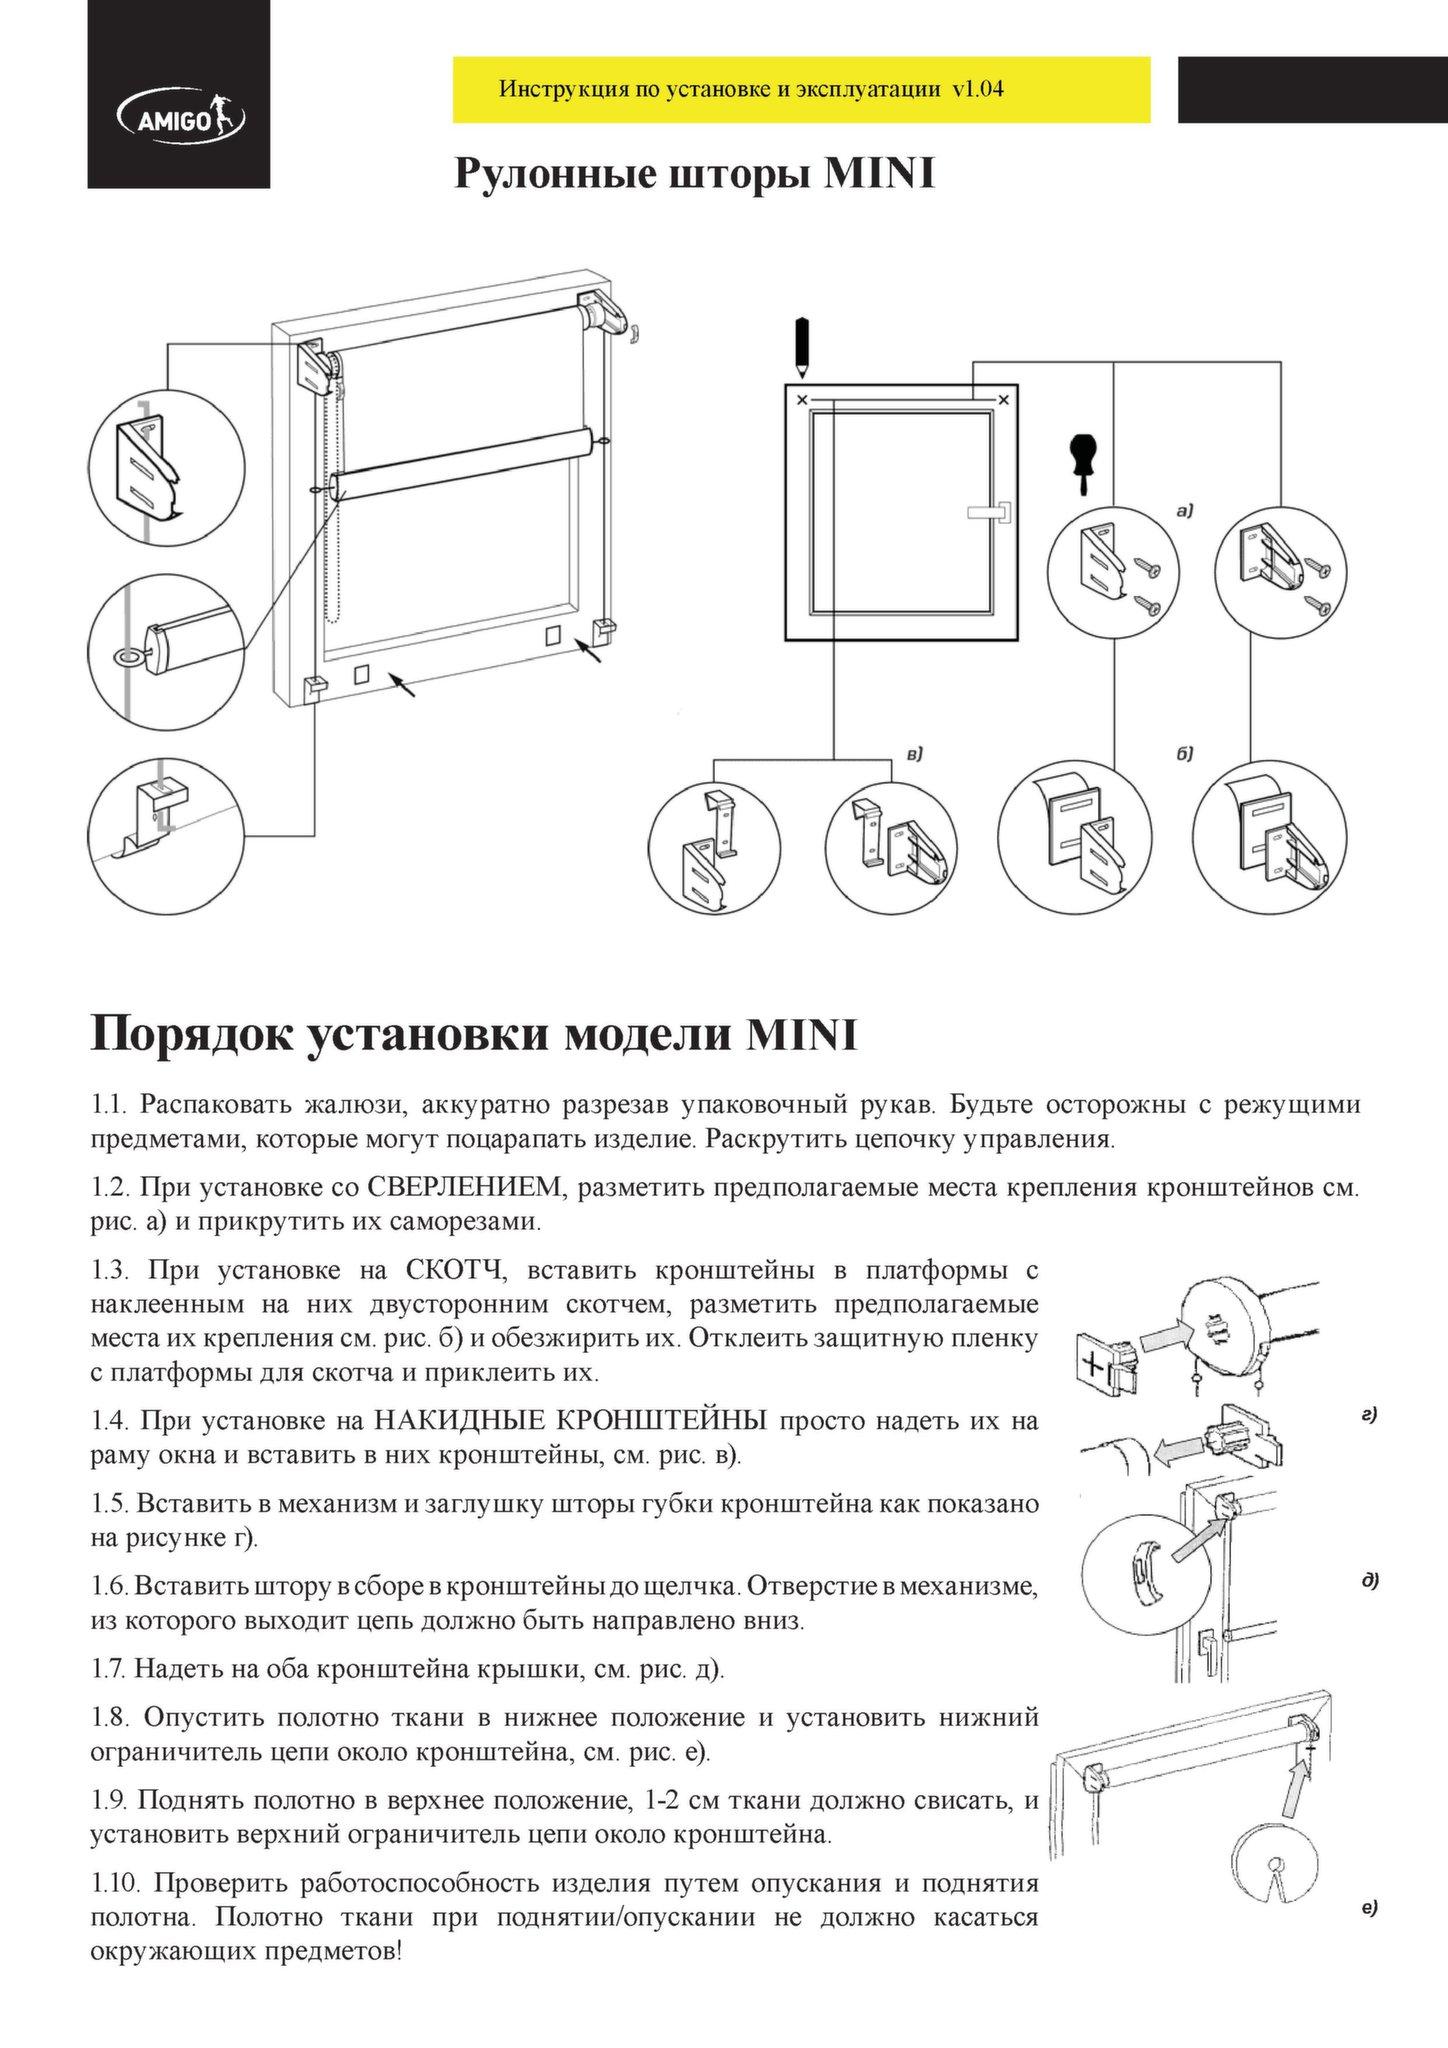 инструкция по установке virtualbox на windows